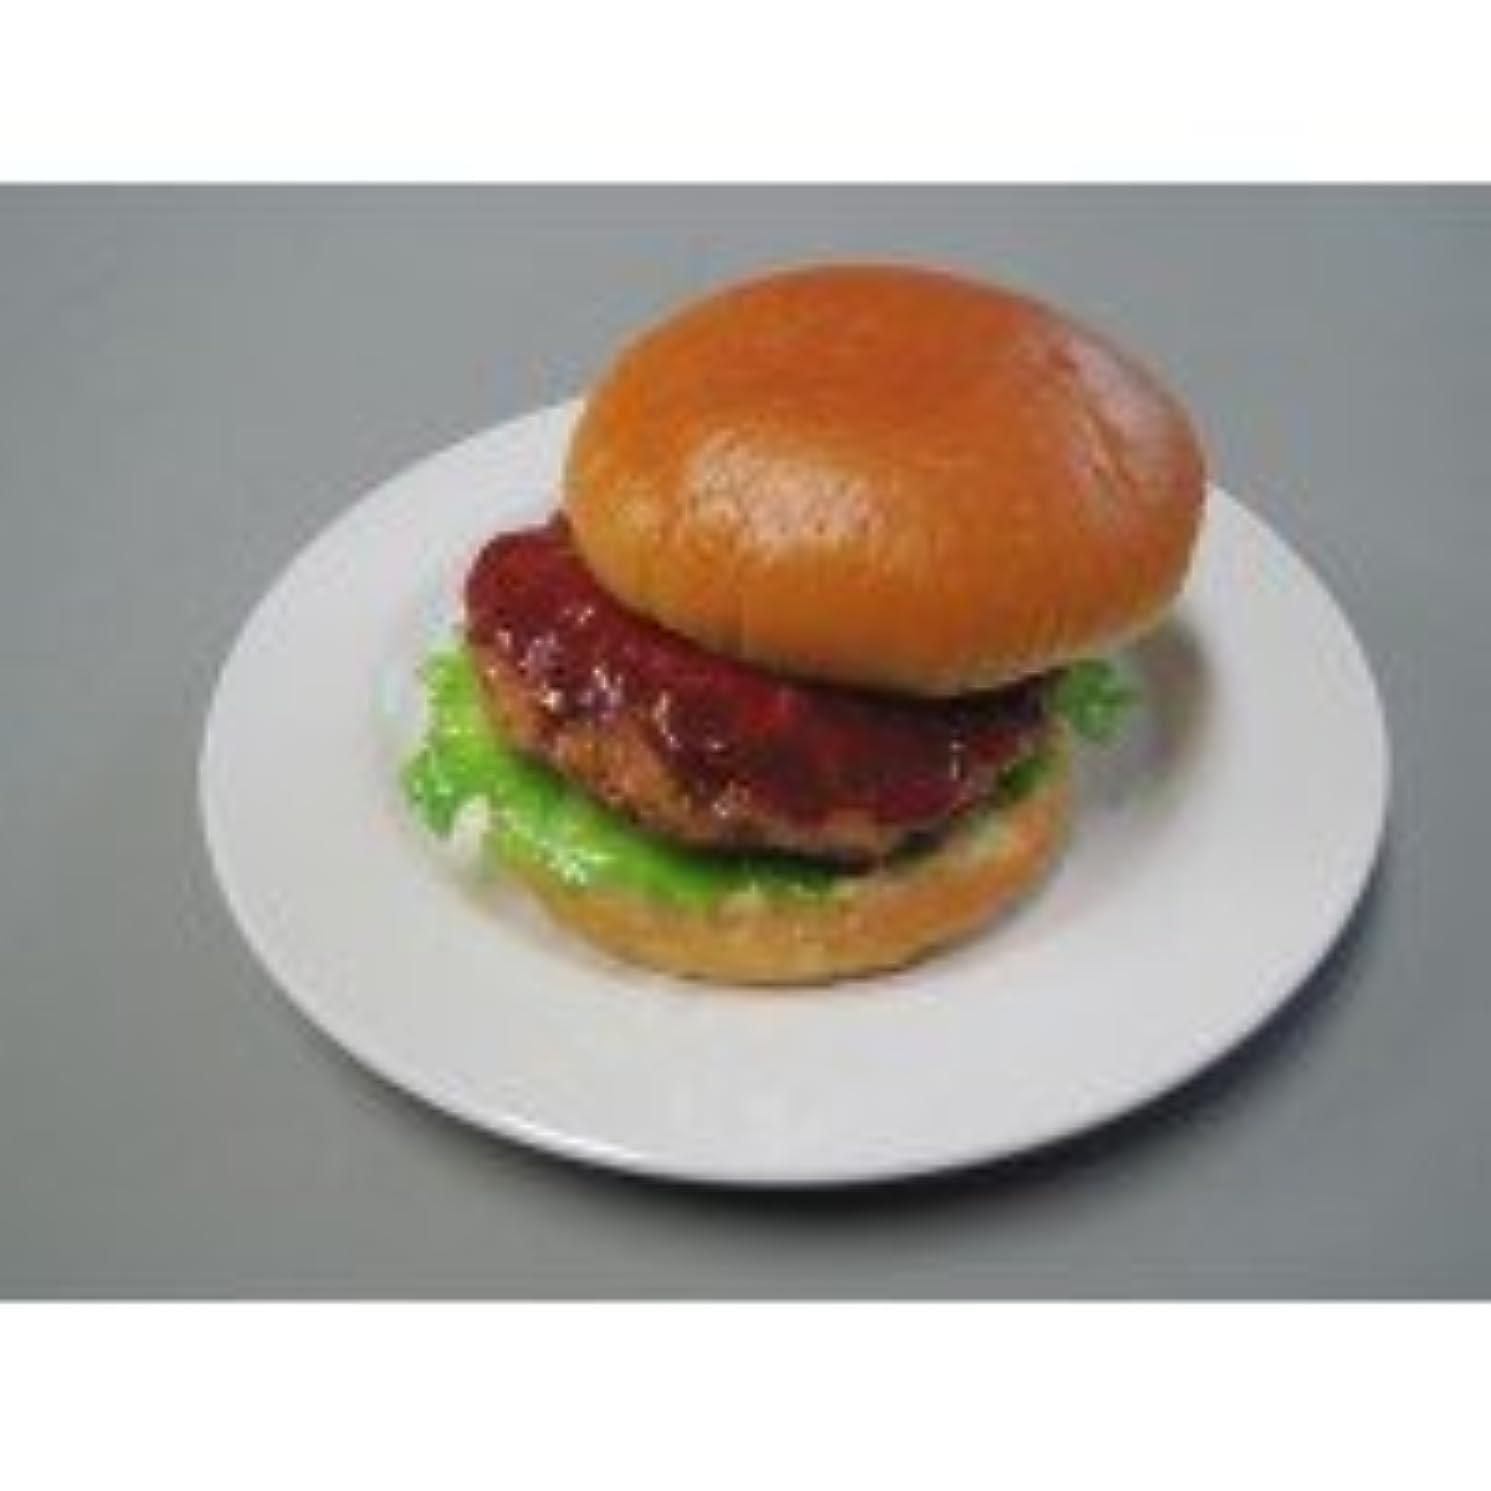 戸惑う立ち向かうスラック日本職人が作る 食品サンプル ハンバーガー IP-198